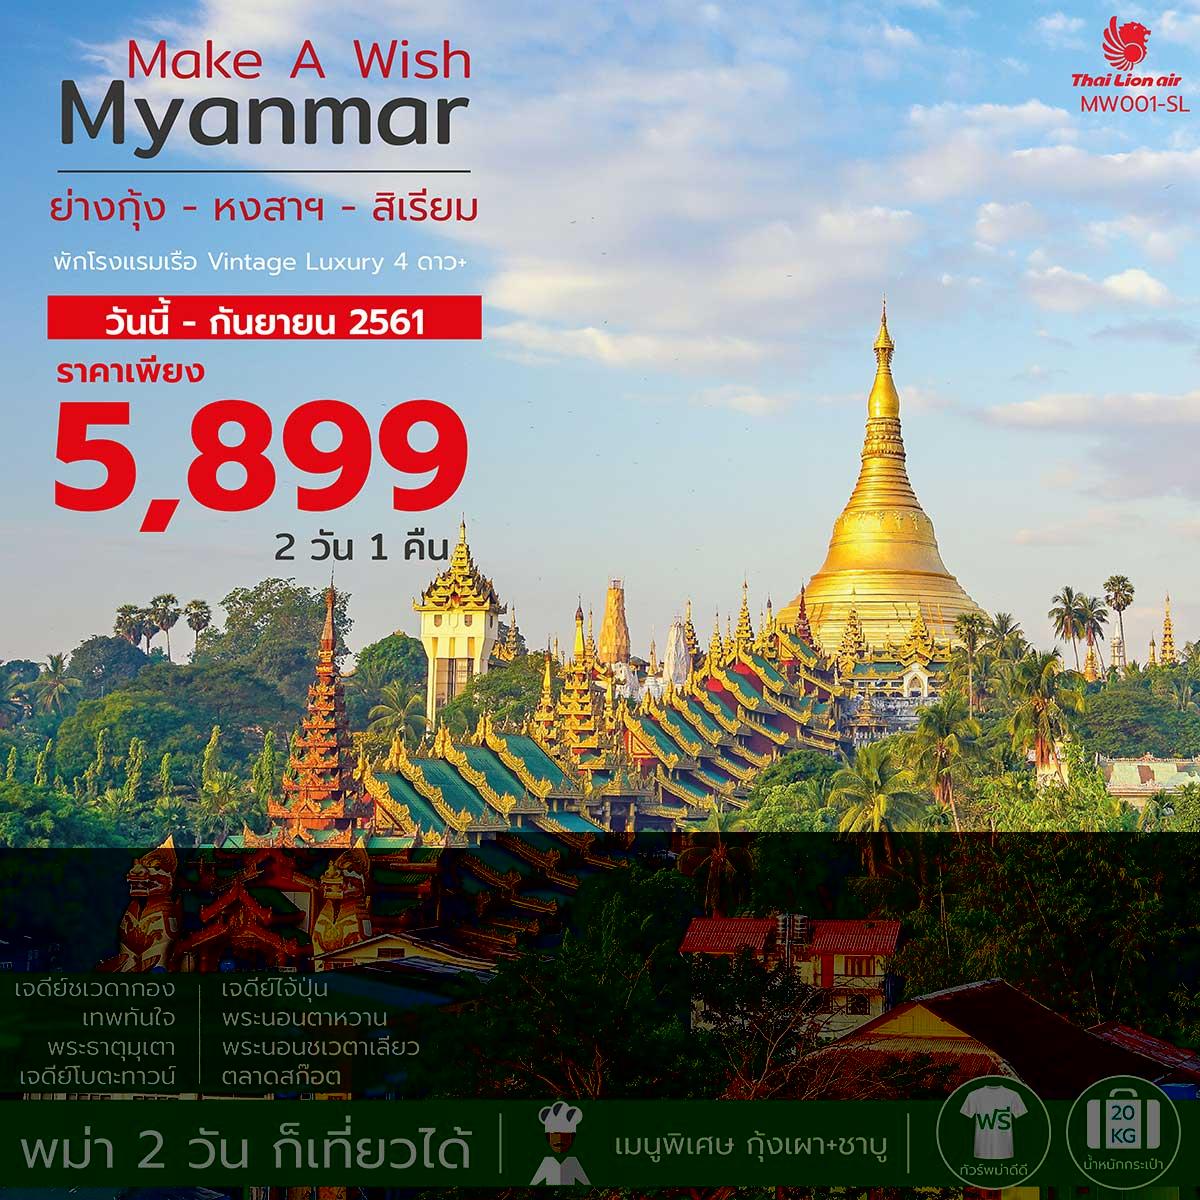 พม่า ย่างกุ้ง สิเรียม 2 วัน 1 คืน